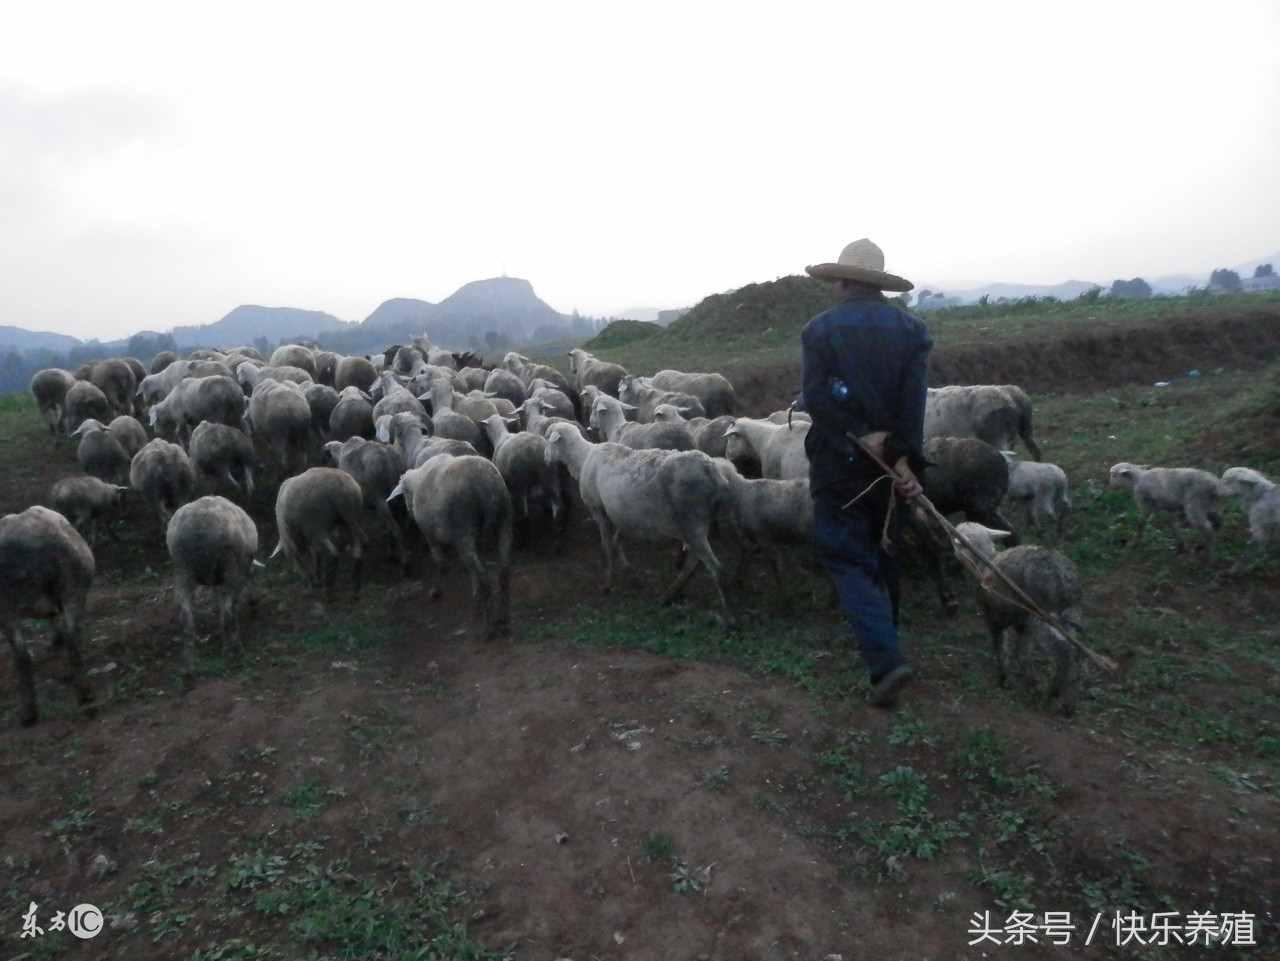 羊怎么赚钱?养羊一年能赚多少钱